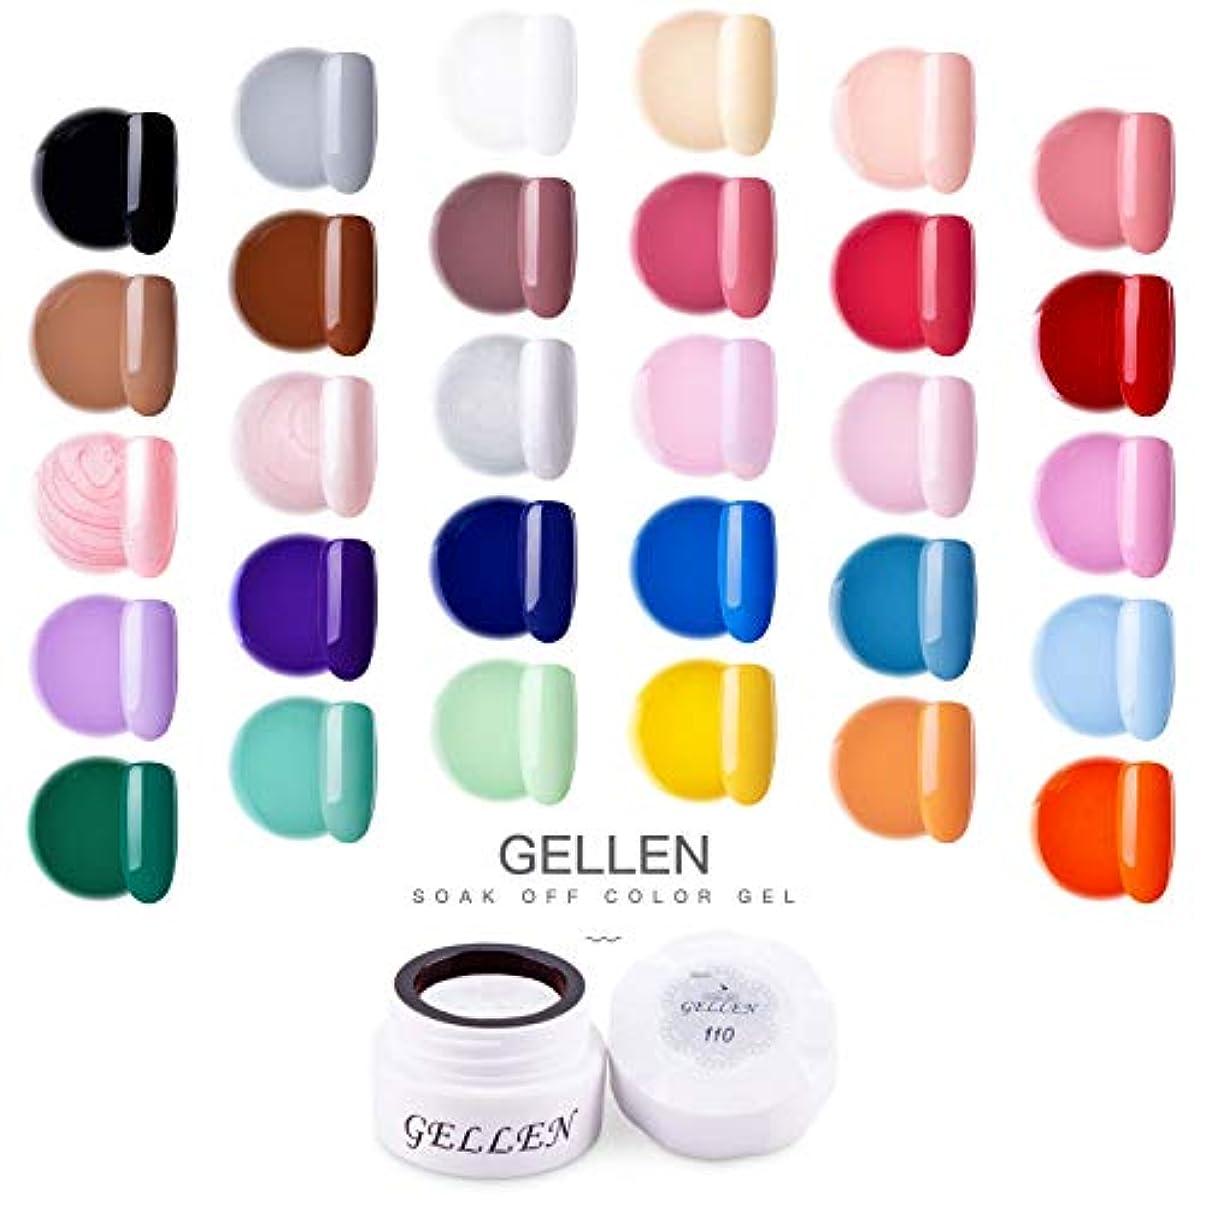 芸術的子孫創造Gellen カラージェル 30色定番カラー セット 高品質 5g ジェルネイル カラー ネイルブラシ付き